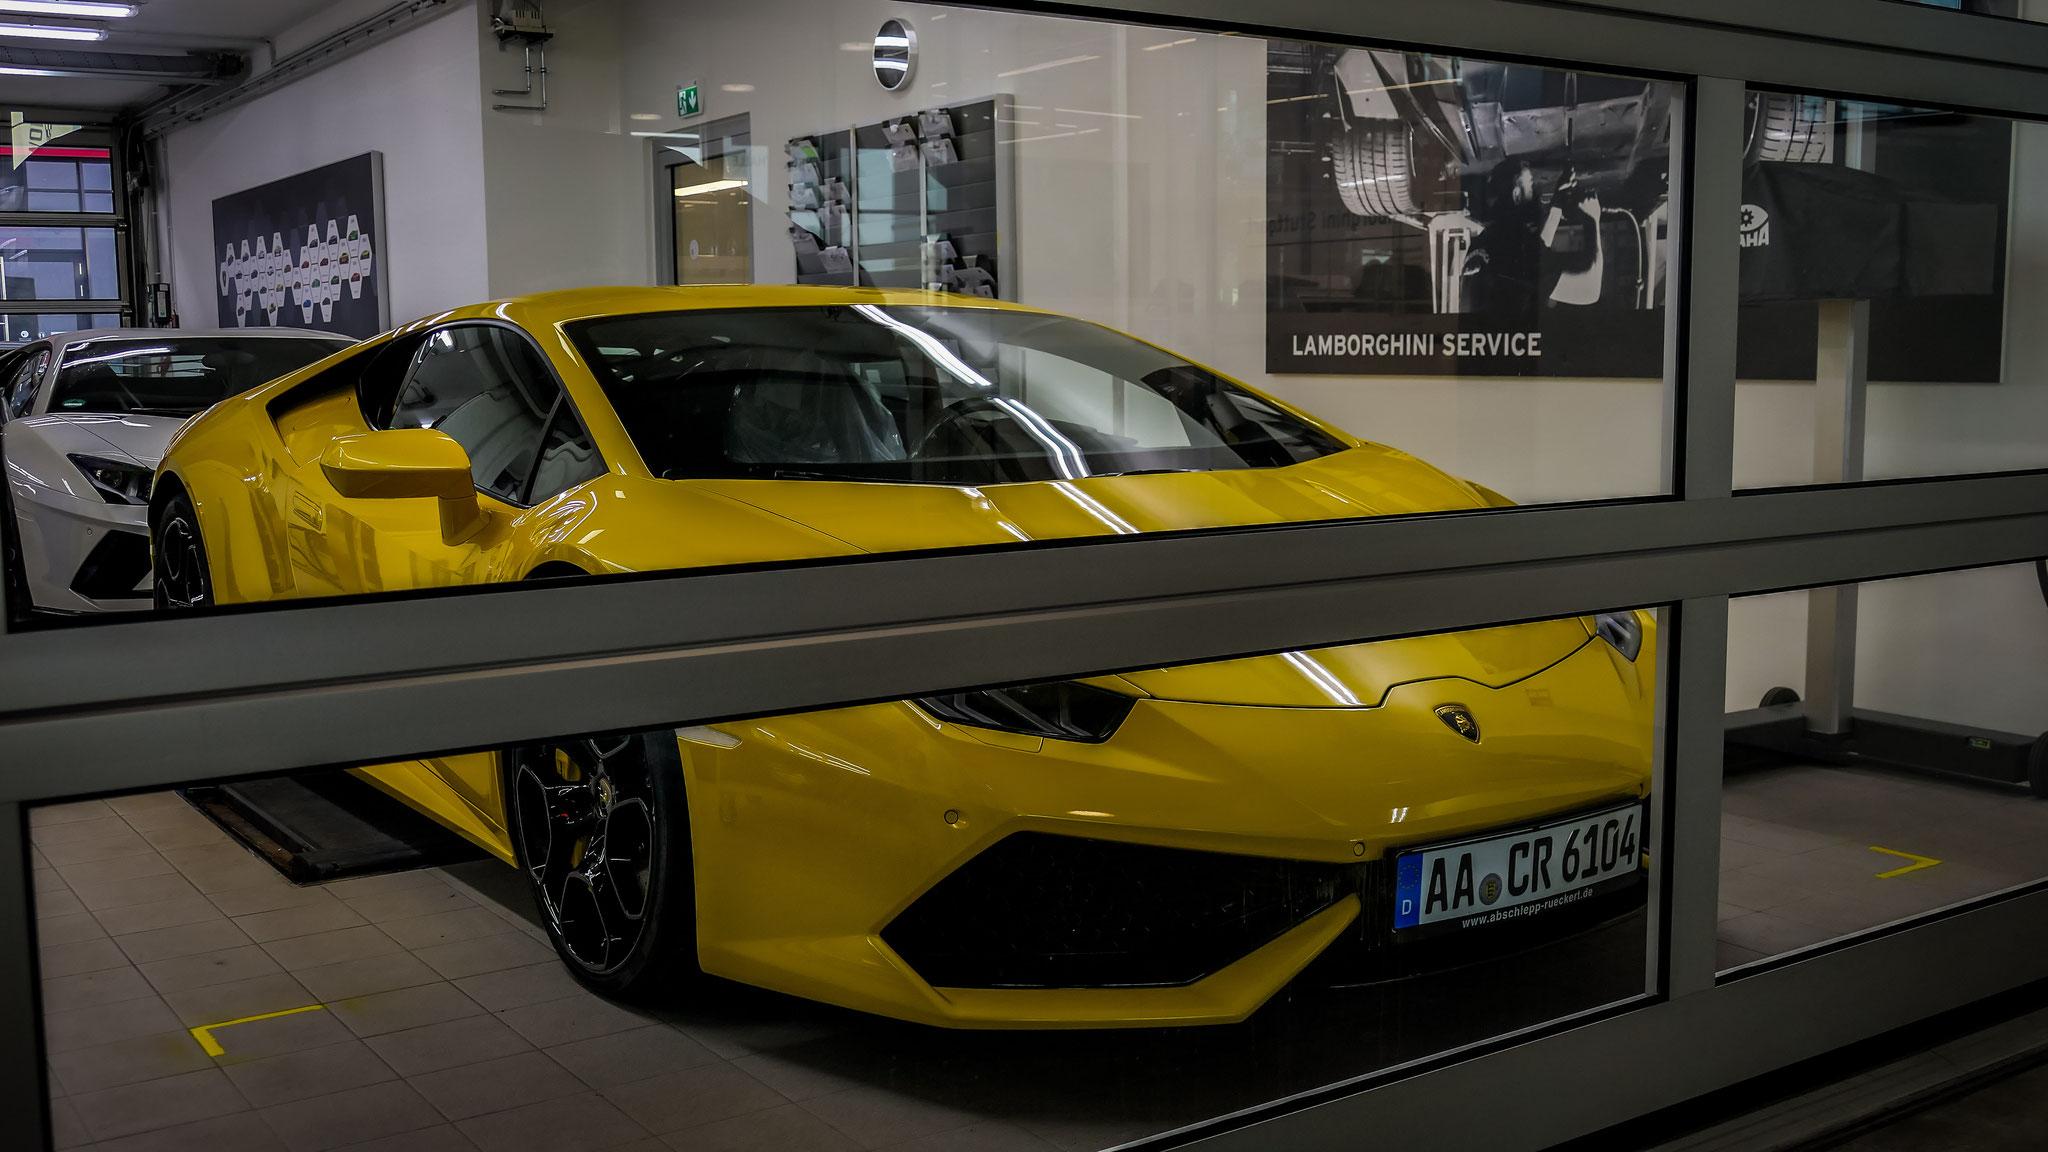 Lamborghini Huracan - AA-CR-6104